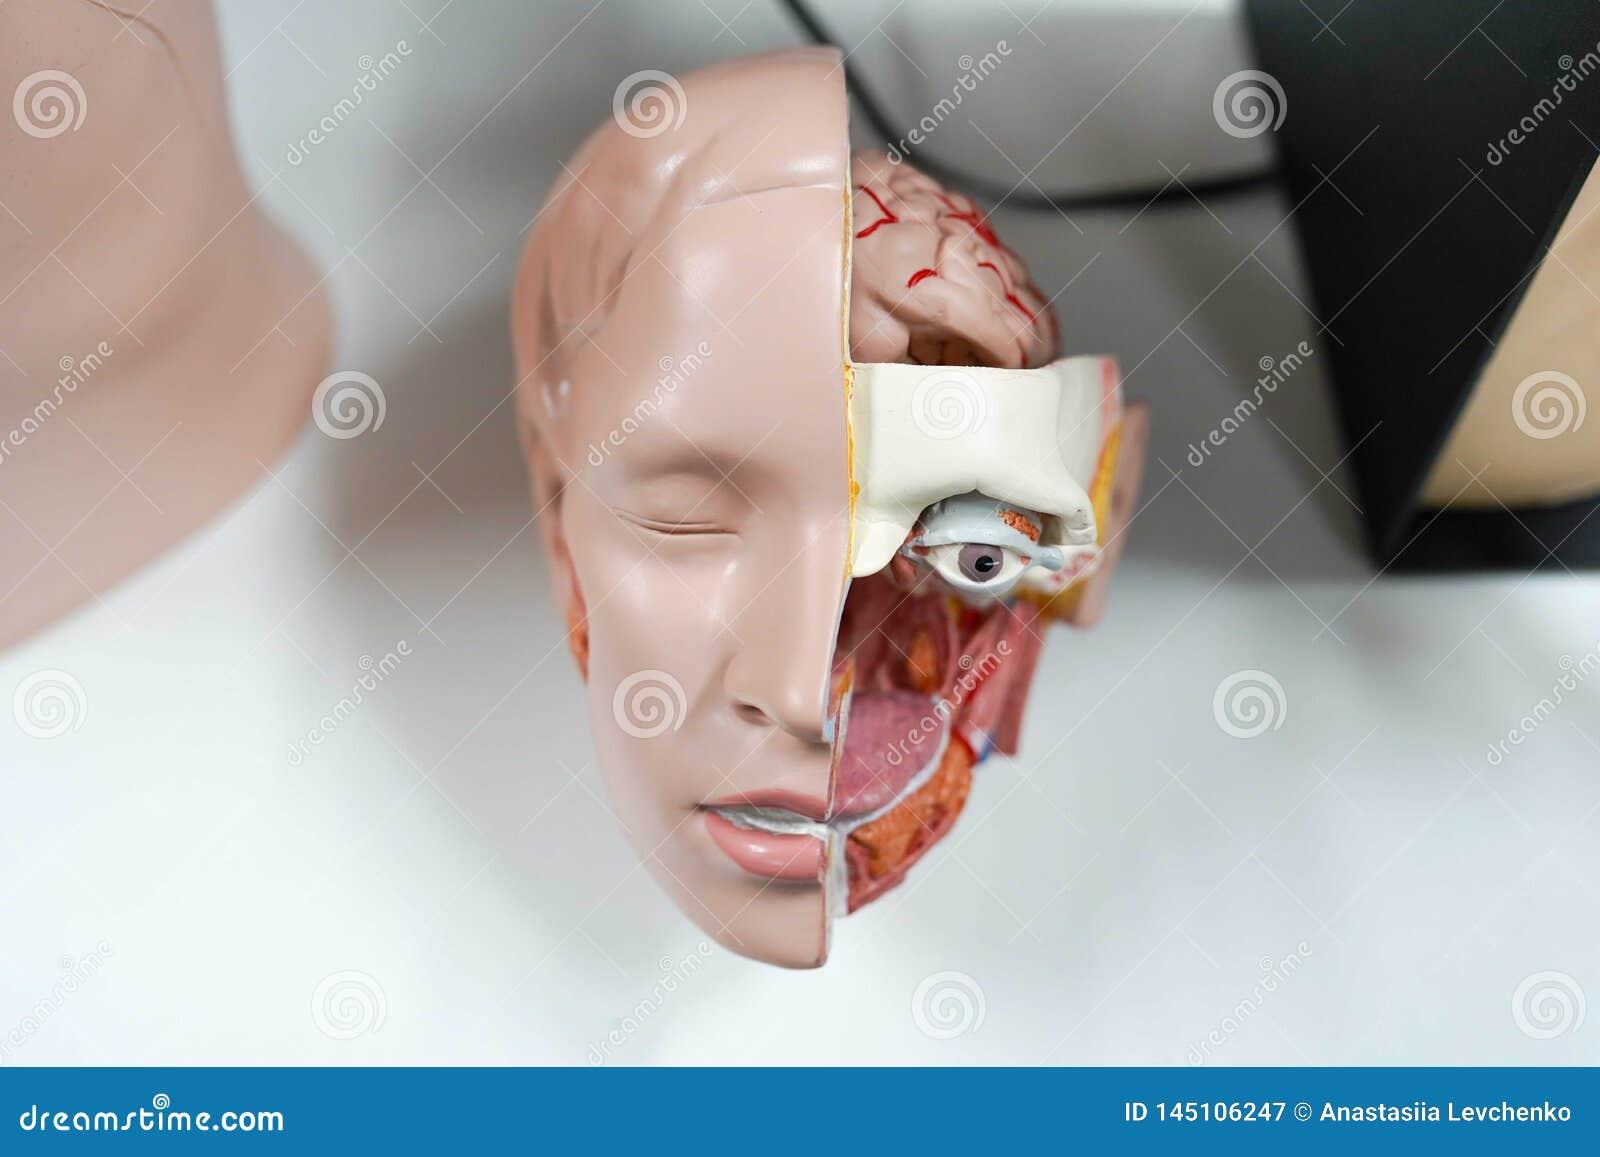 Cabeça modelo da anatomia fundo médico, rosto humano